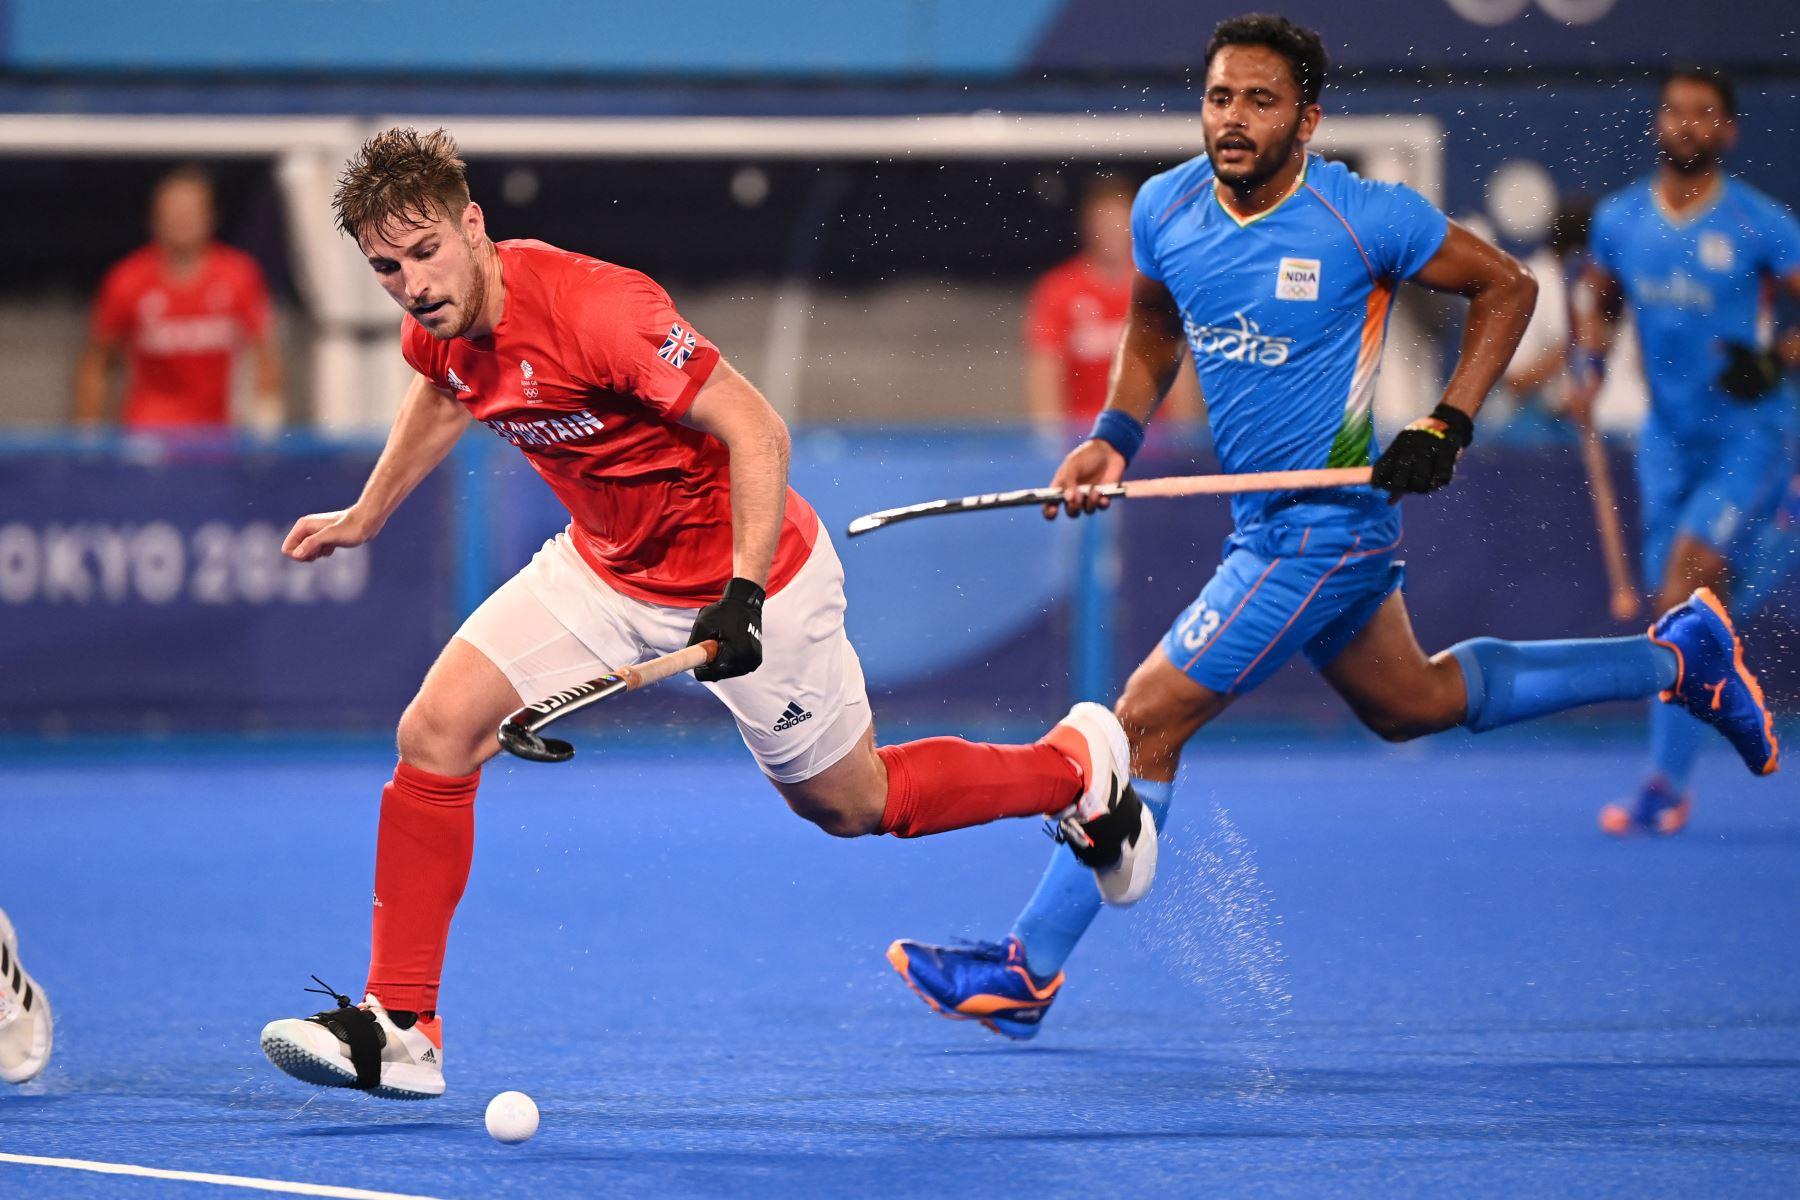 El británico Liam Paul Ansell lleva el balón al lado de Harmanpreet Singh de la India durante su partido de cuartos de final masculino de la competencia de hockey sobre césped de los Juegos Olímpicos de Tokio 2020, en el Estadio de Hockey Oi en Tokio. Foto: AFP